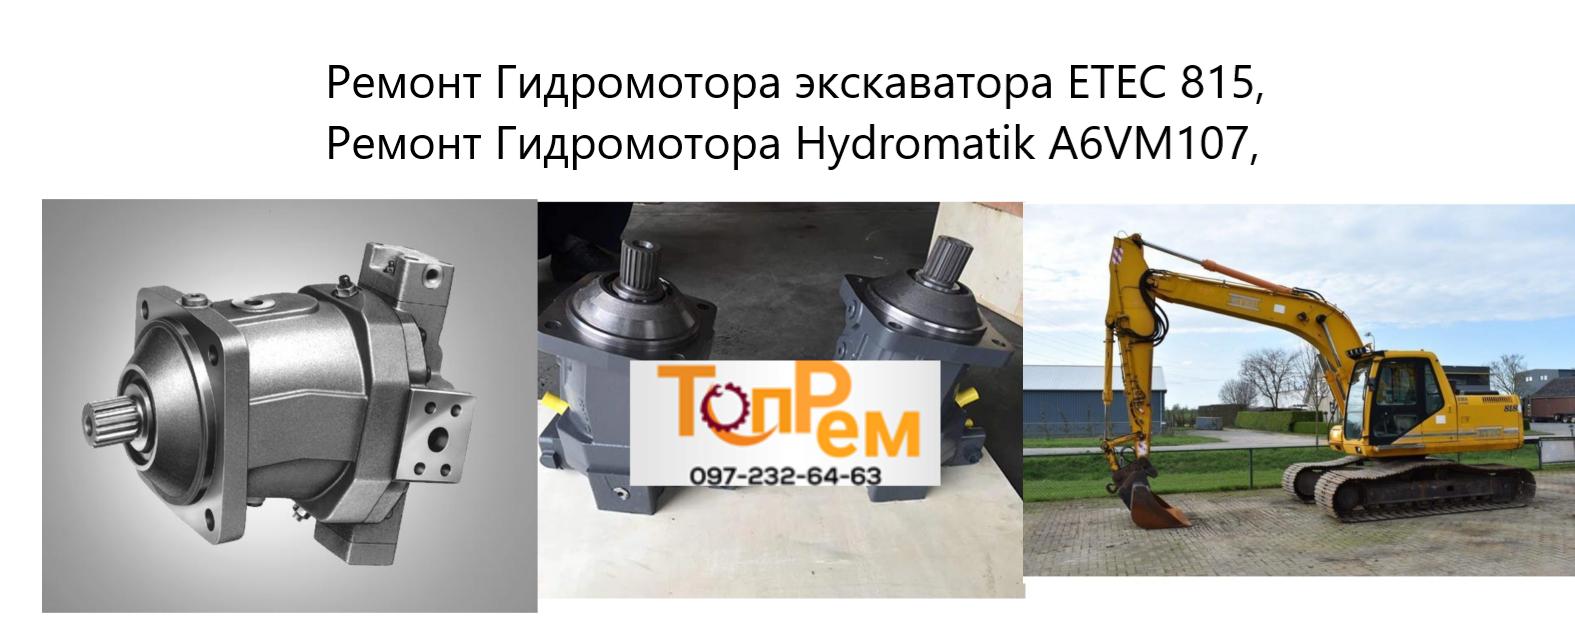 Ремонт Гидромотора экскаватора ETEC 815